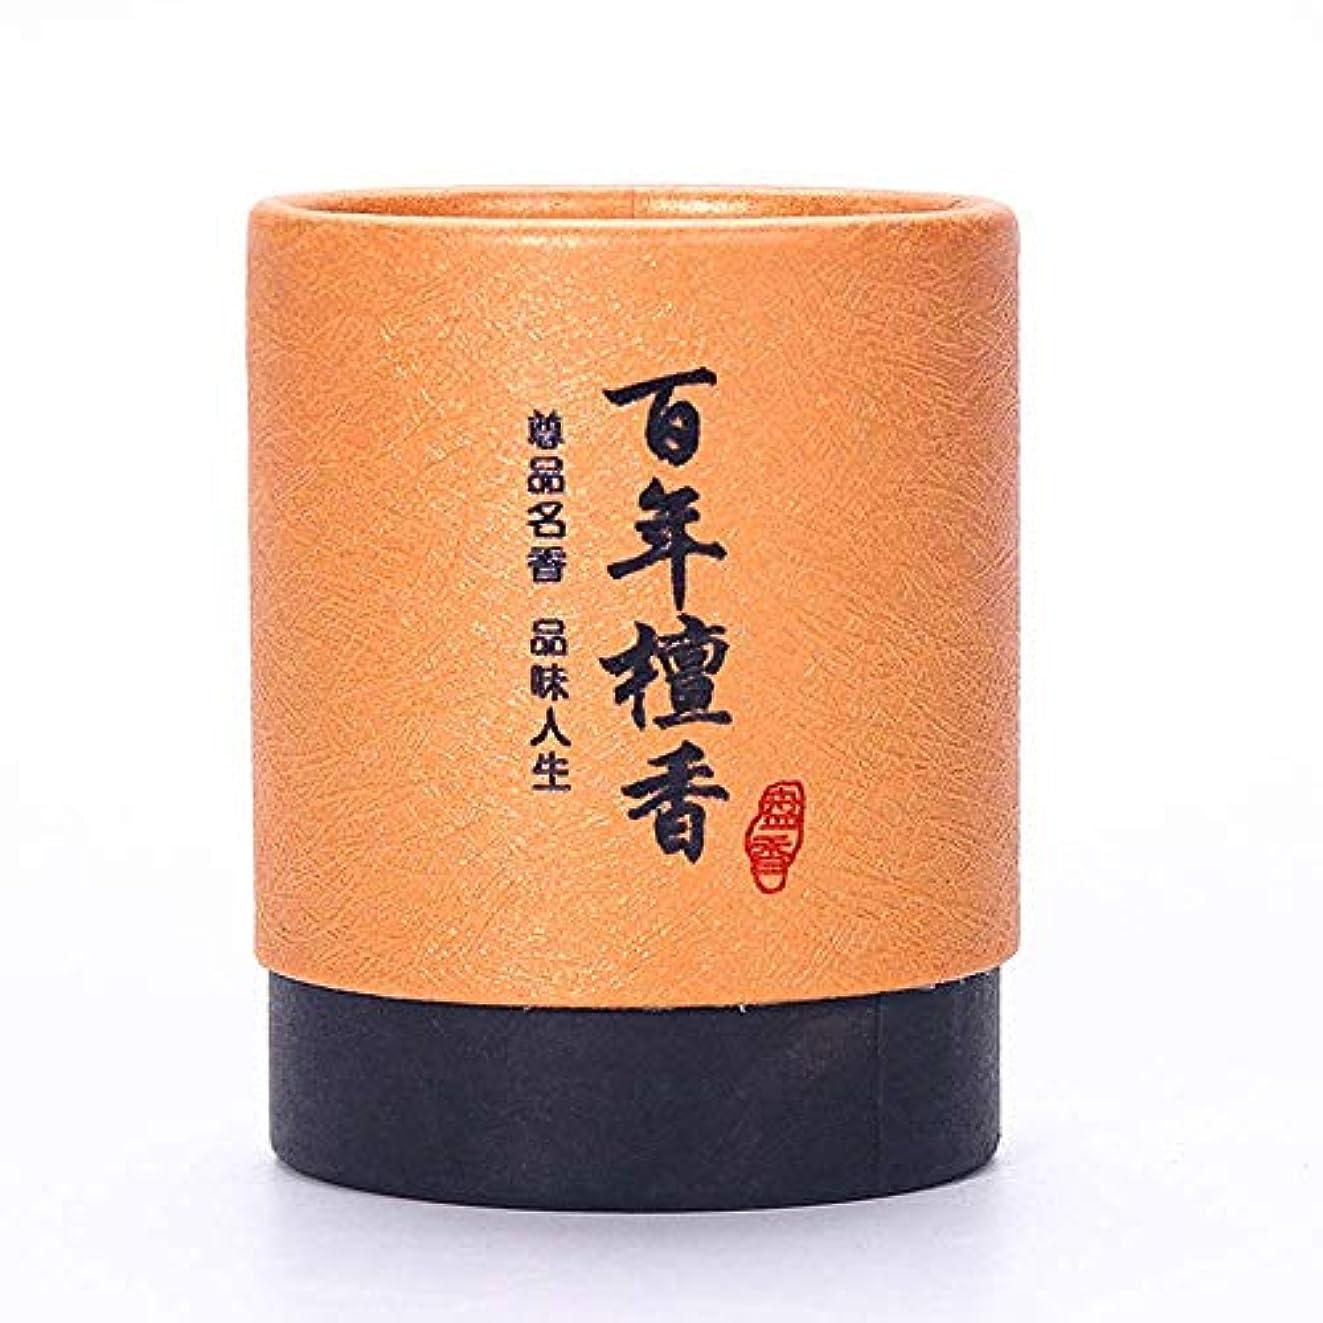 啓発するブロッサム起訴するHwaGui お香 2時間 盤香 渦巻き線香 優しい香り 48巻入 (百年檀香)